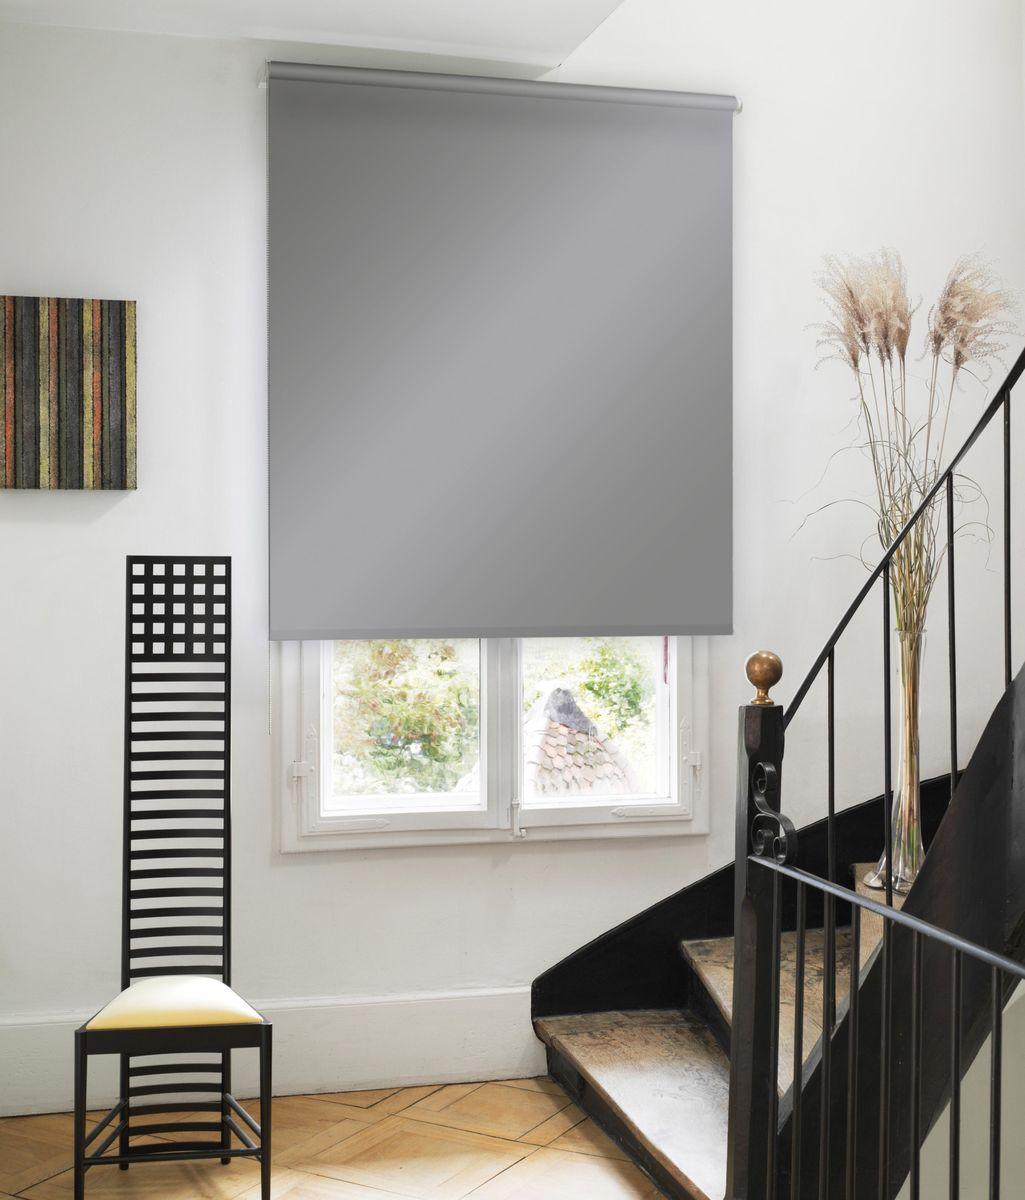 Штора рулонная Эскар, цвет: серый, ширина 130 см, высота 170 см81020130170Рулонными шторами можно оформлять окна как самостоятельно, так и использовать в комбинации с портьерами. Это поможет предотвратить выгорание дорогой ткани на солнце и соединит функционал рулонных с красотой навесных.Преимущества применения рулонных штор для пластиковых окон:- имеют прекрасный внешний вид: многообразие и фактурность материала изделия отлично смотрятся в любом интерьере; - многофункциональны: есть возможность подобрать шторы способные эффективно защитить комнату от солнца, при этом о на не будет слишком темной. - Есть возможность осуществить быстрый монтаж. ВНИМАНИЕ! Размеры ширины изделия указаны по ширине ткани!Во время эксплуатации не рекомендуется полностью разматывать рулон, чтобы не оторвать ткань от намоточного вала.В случае загрязнения поверхности ткани, чистку шторы проводят одним из способов, в зависимости от типа загрязнения: легкое поверхностное загрязнение можно удалить при помощи канцелярского ластика; чистка от пыли производится сухим методом при помощи пылесоса с мягкой щеткой-насадкой; для удаления пятна используйте мягкую губку с пенообразующим неагрессивным моющим средством или пятновыводитель на натуральной основе (нельзя применять растворители).